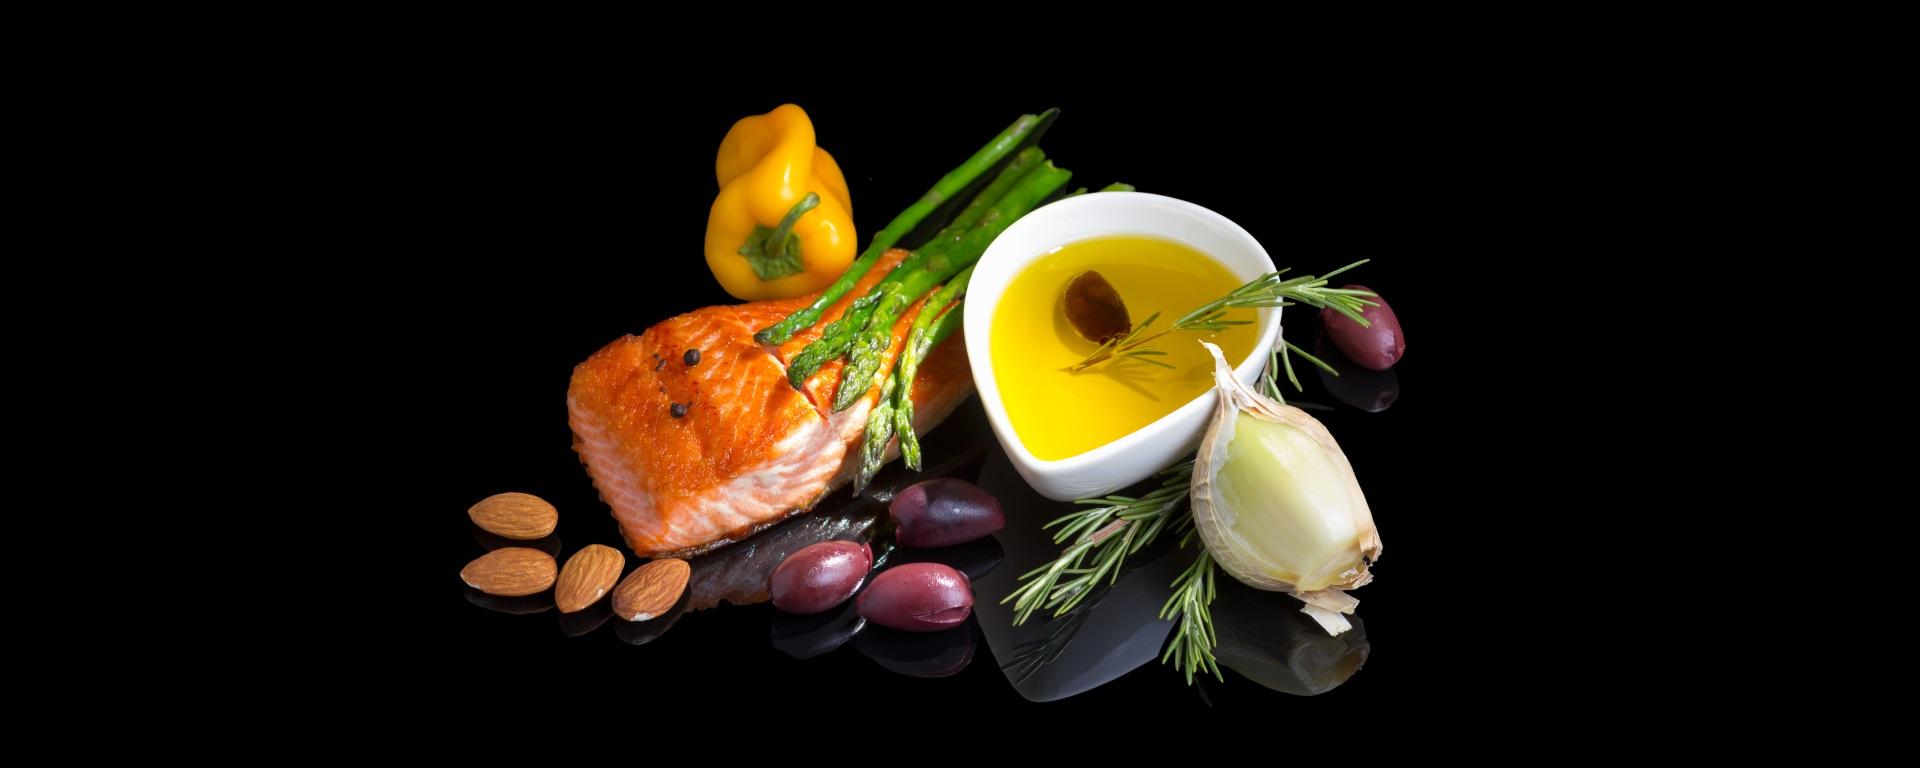 Mediterrane Ernährung bringt gesundheitliche Vorteile